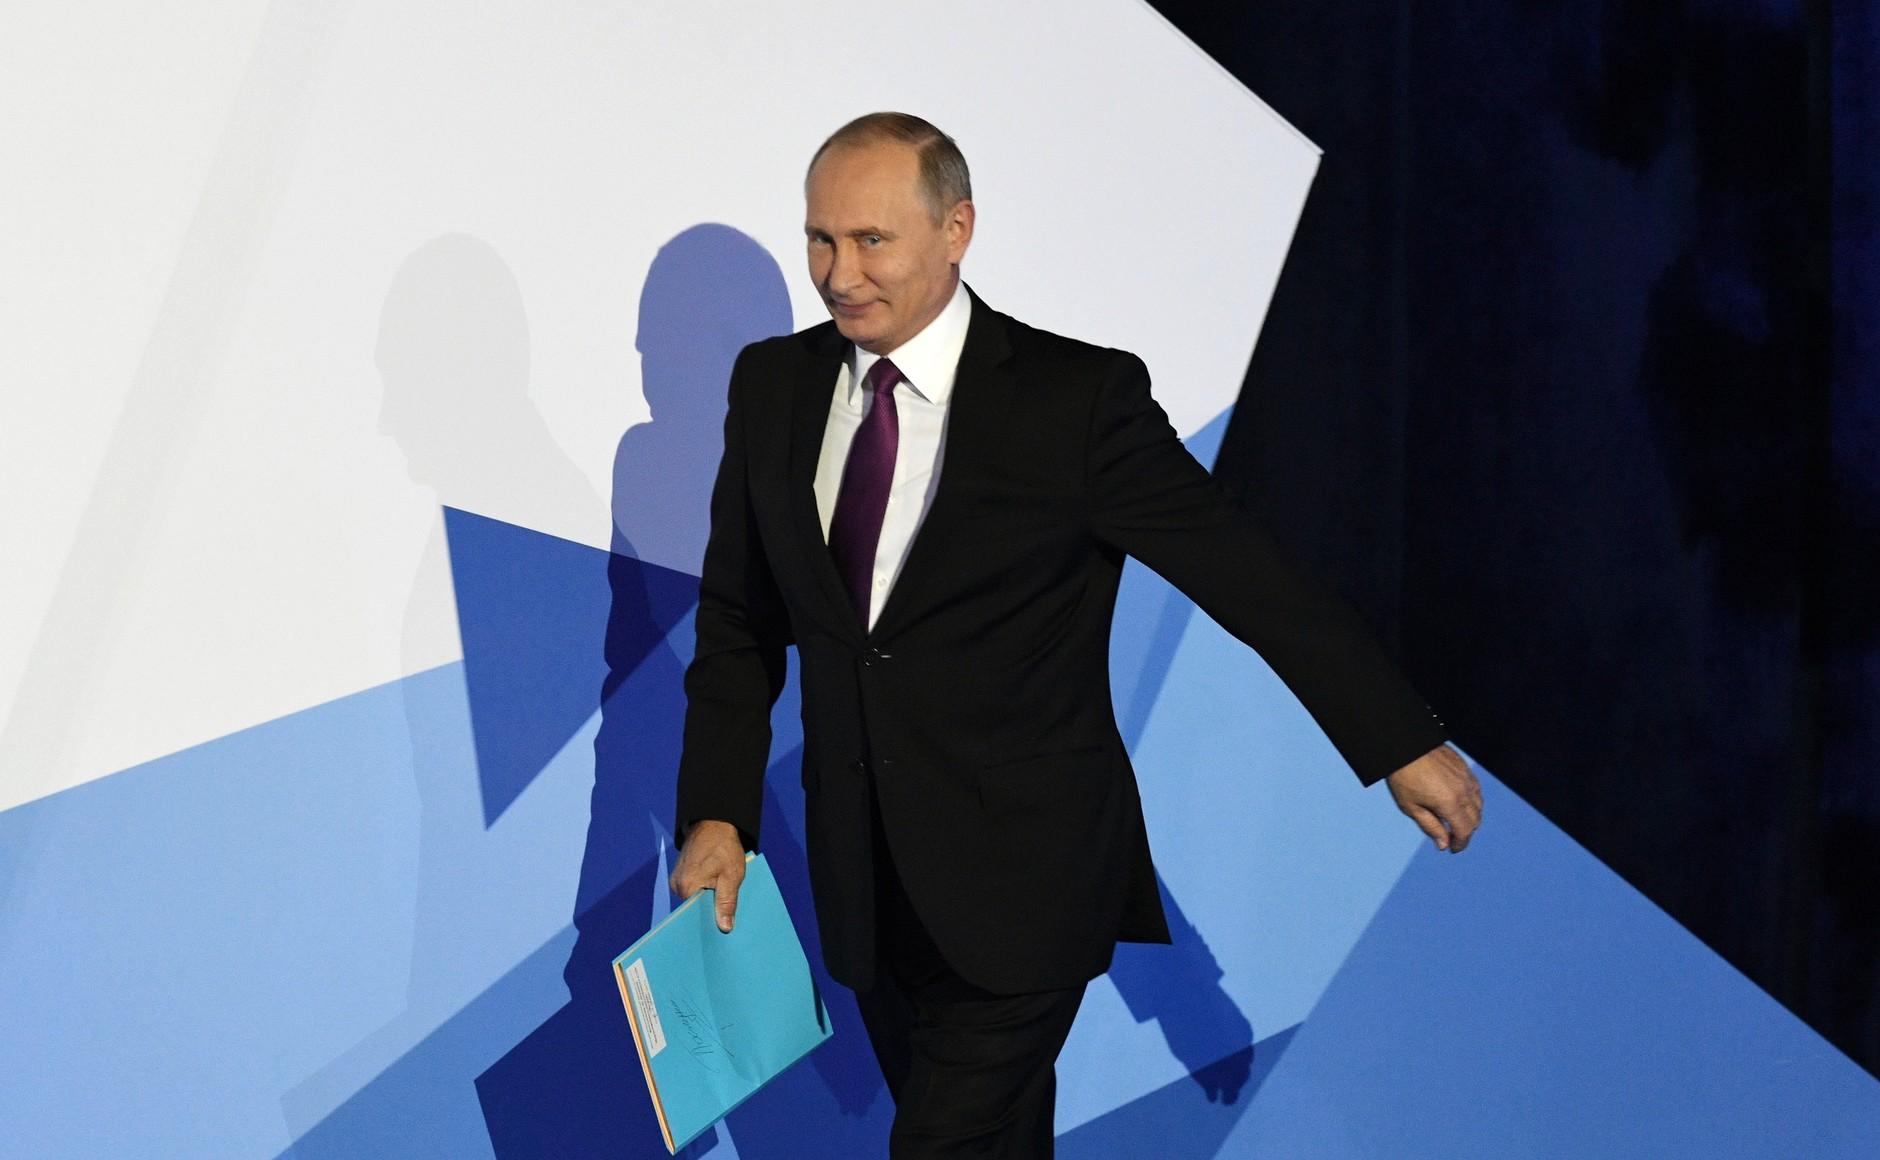 Путин пытается показать себя борцом за мир во всем мире